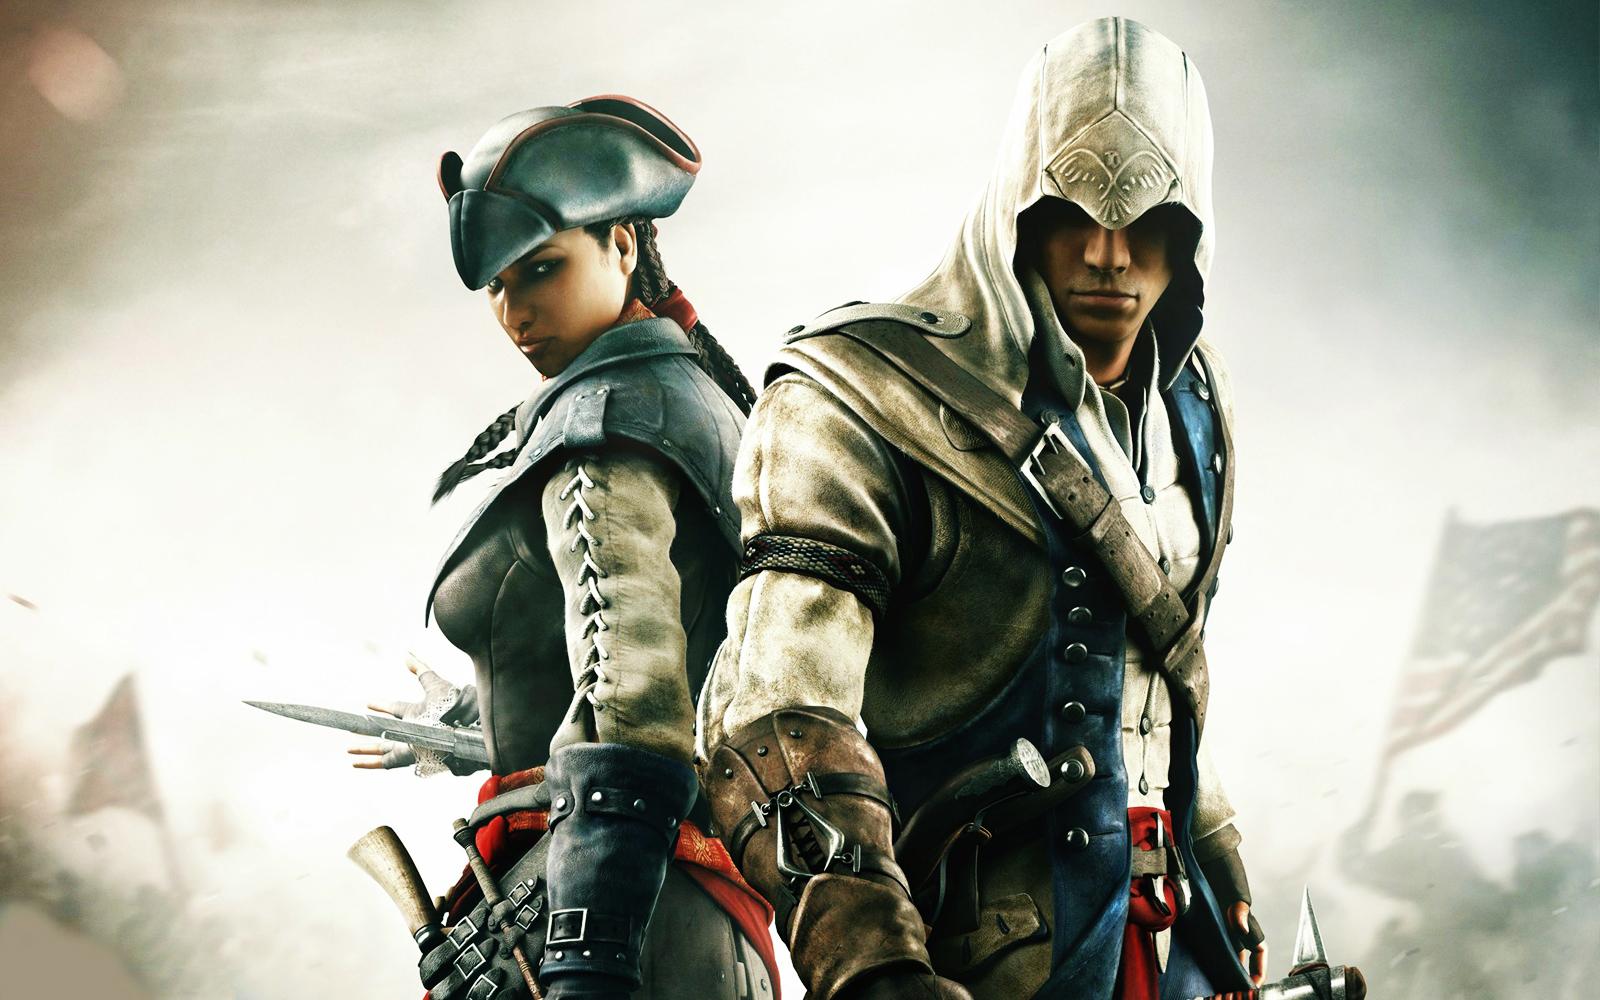 http://3.bp.blogspot.com/-58-aGpx8mVY/UJEIBsgBFxI/AAAAAAAAFwY/bYV4h_GSmB4/s1600/Assassins-Creed-III-Liberation-Aveline-and-Connor-Wallpaper_Vvallpaper.Net.jpg